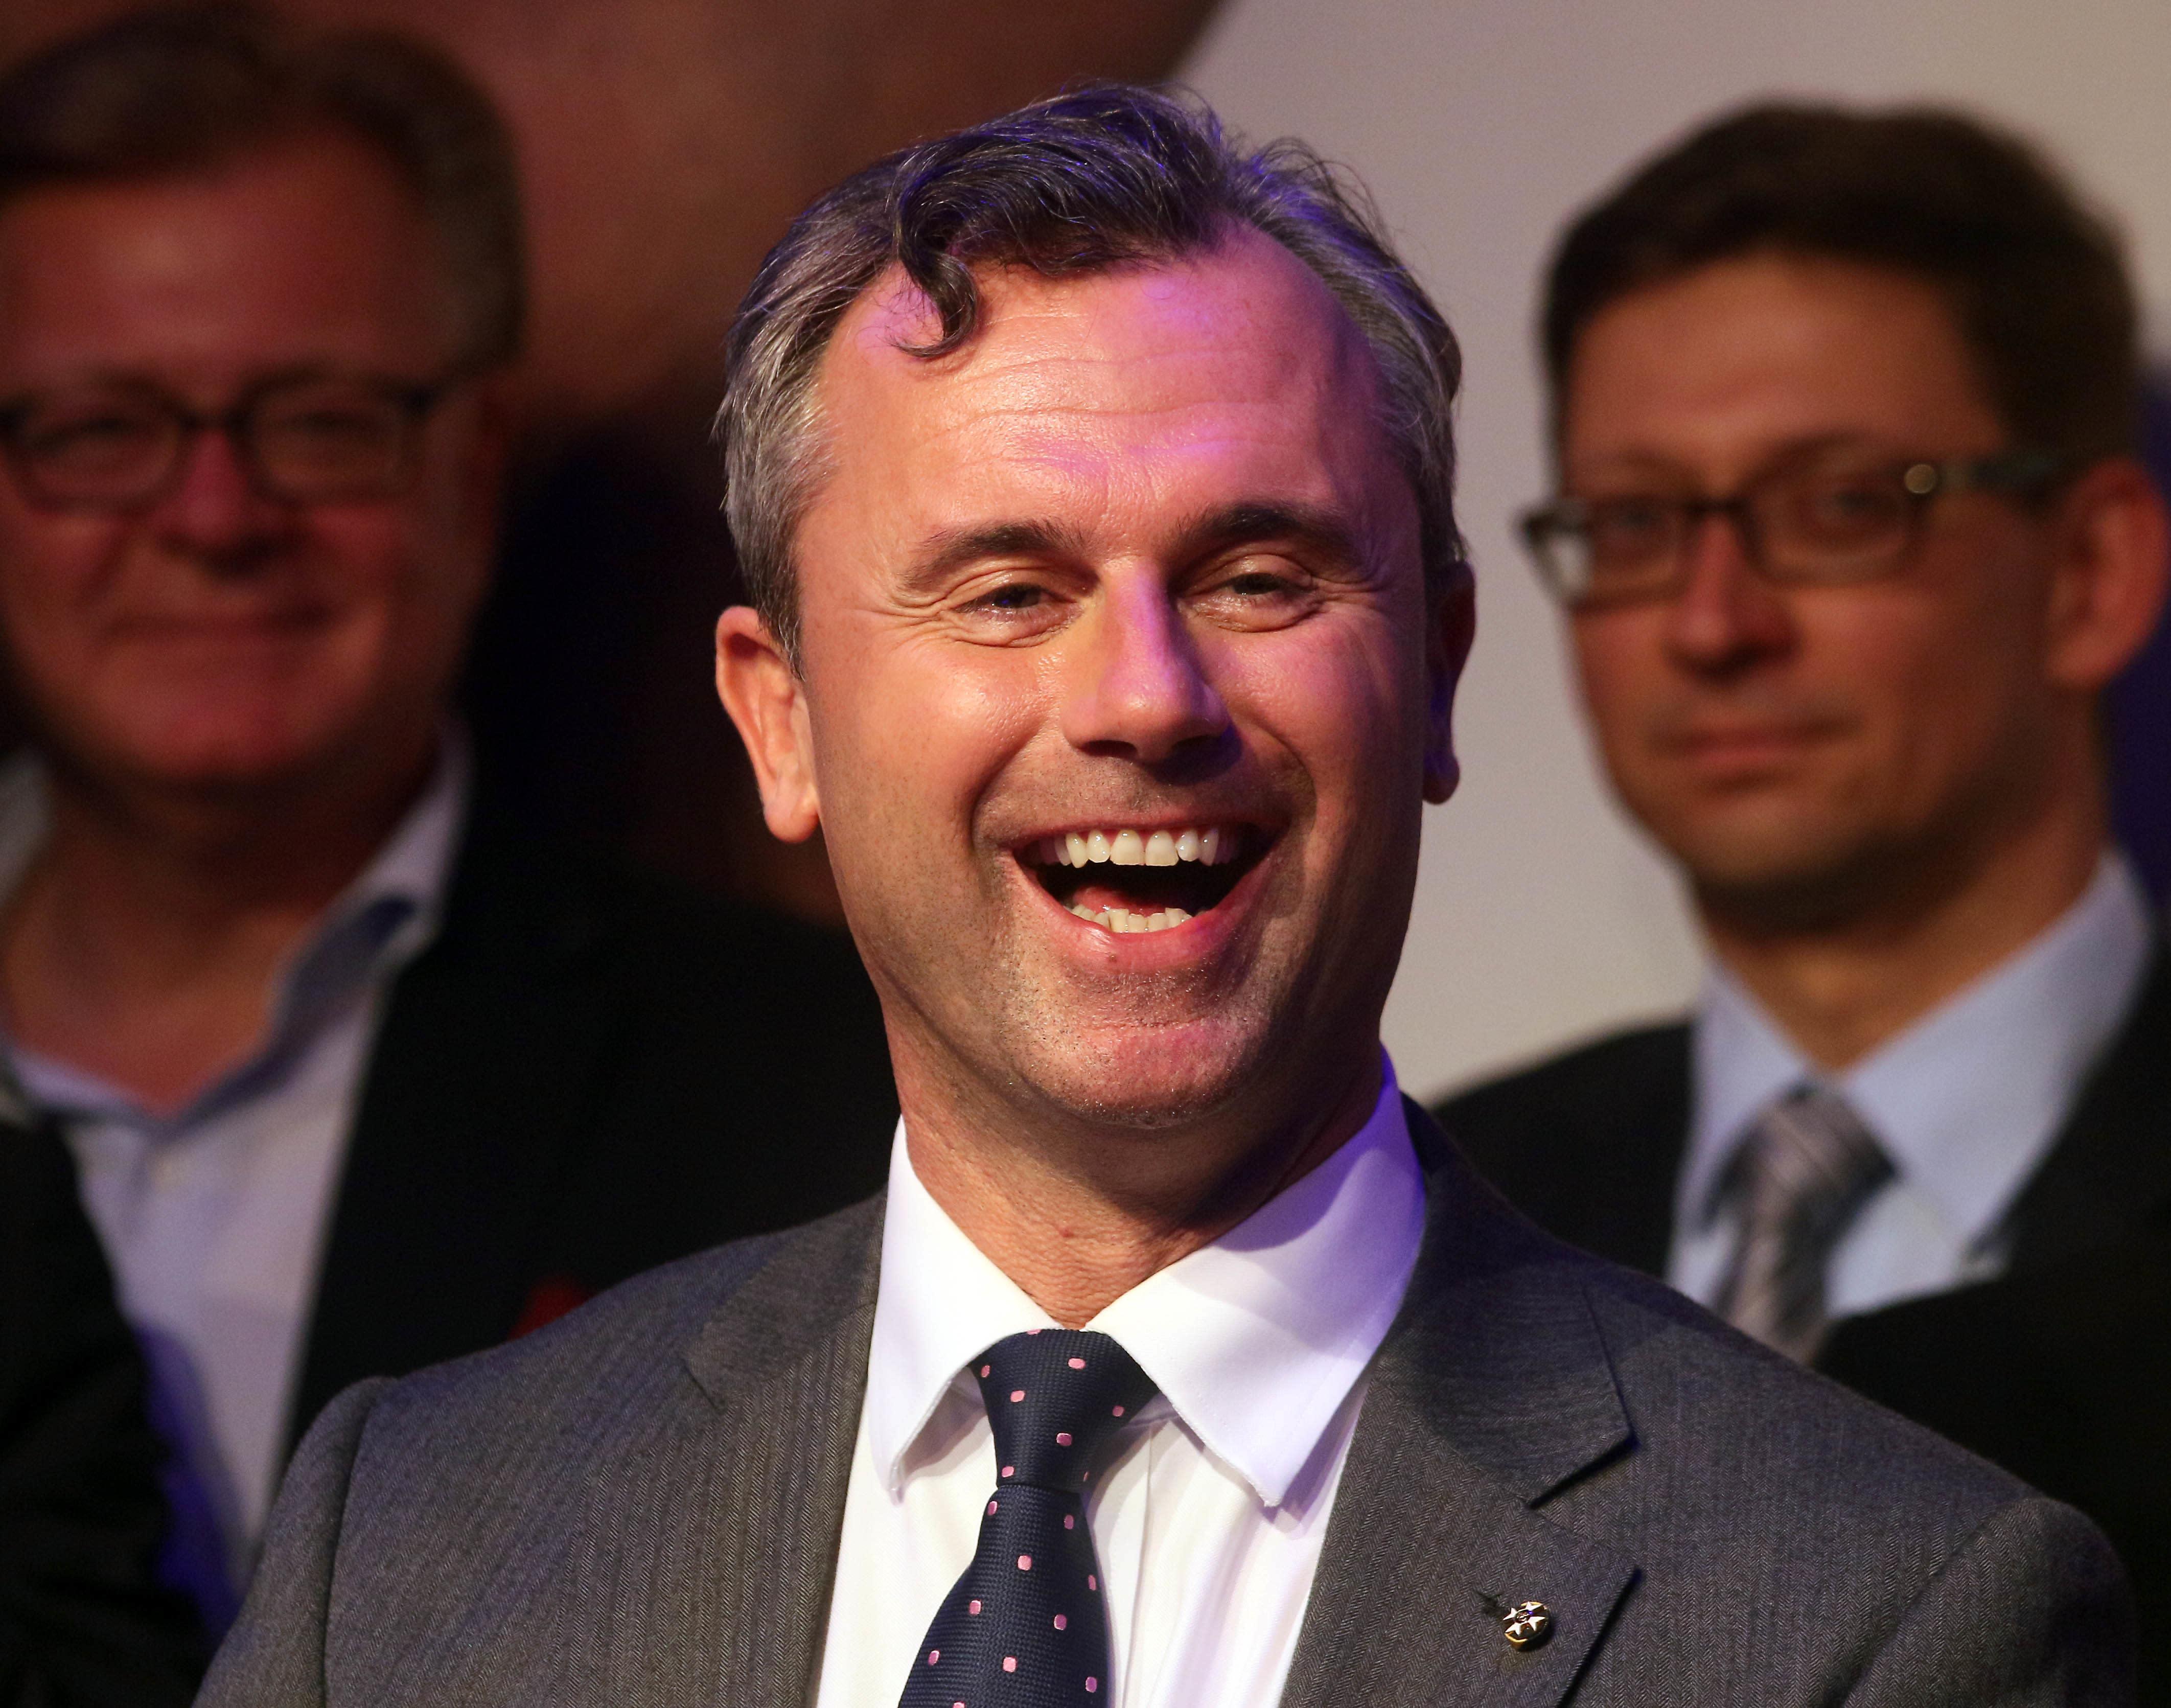 Austrian court overturns presidential elections, calls rerun